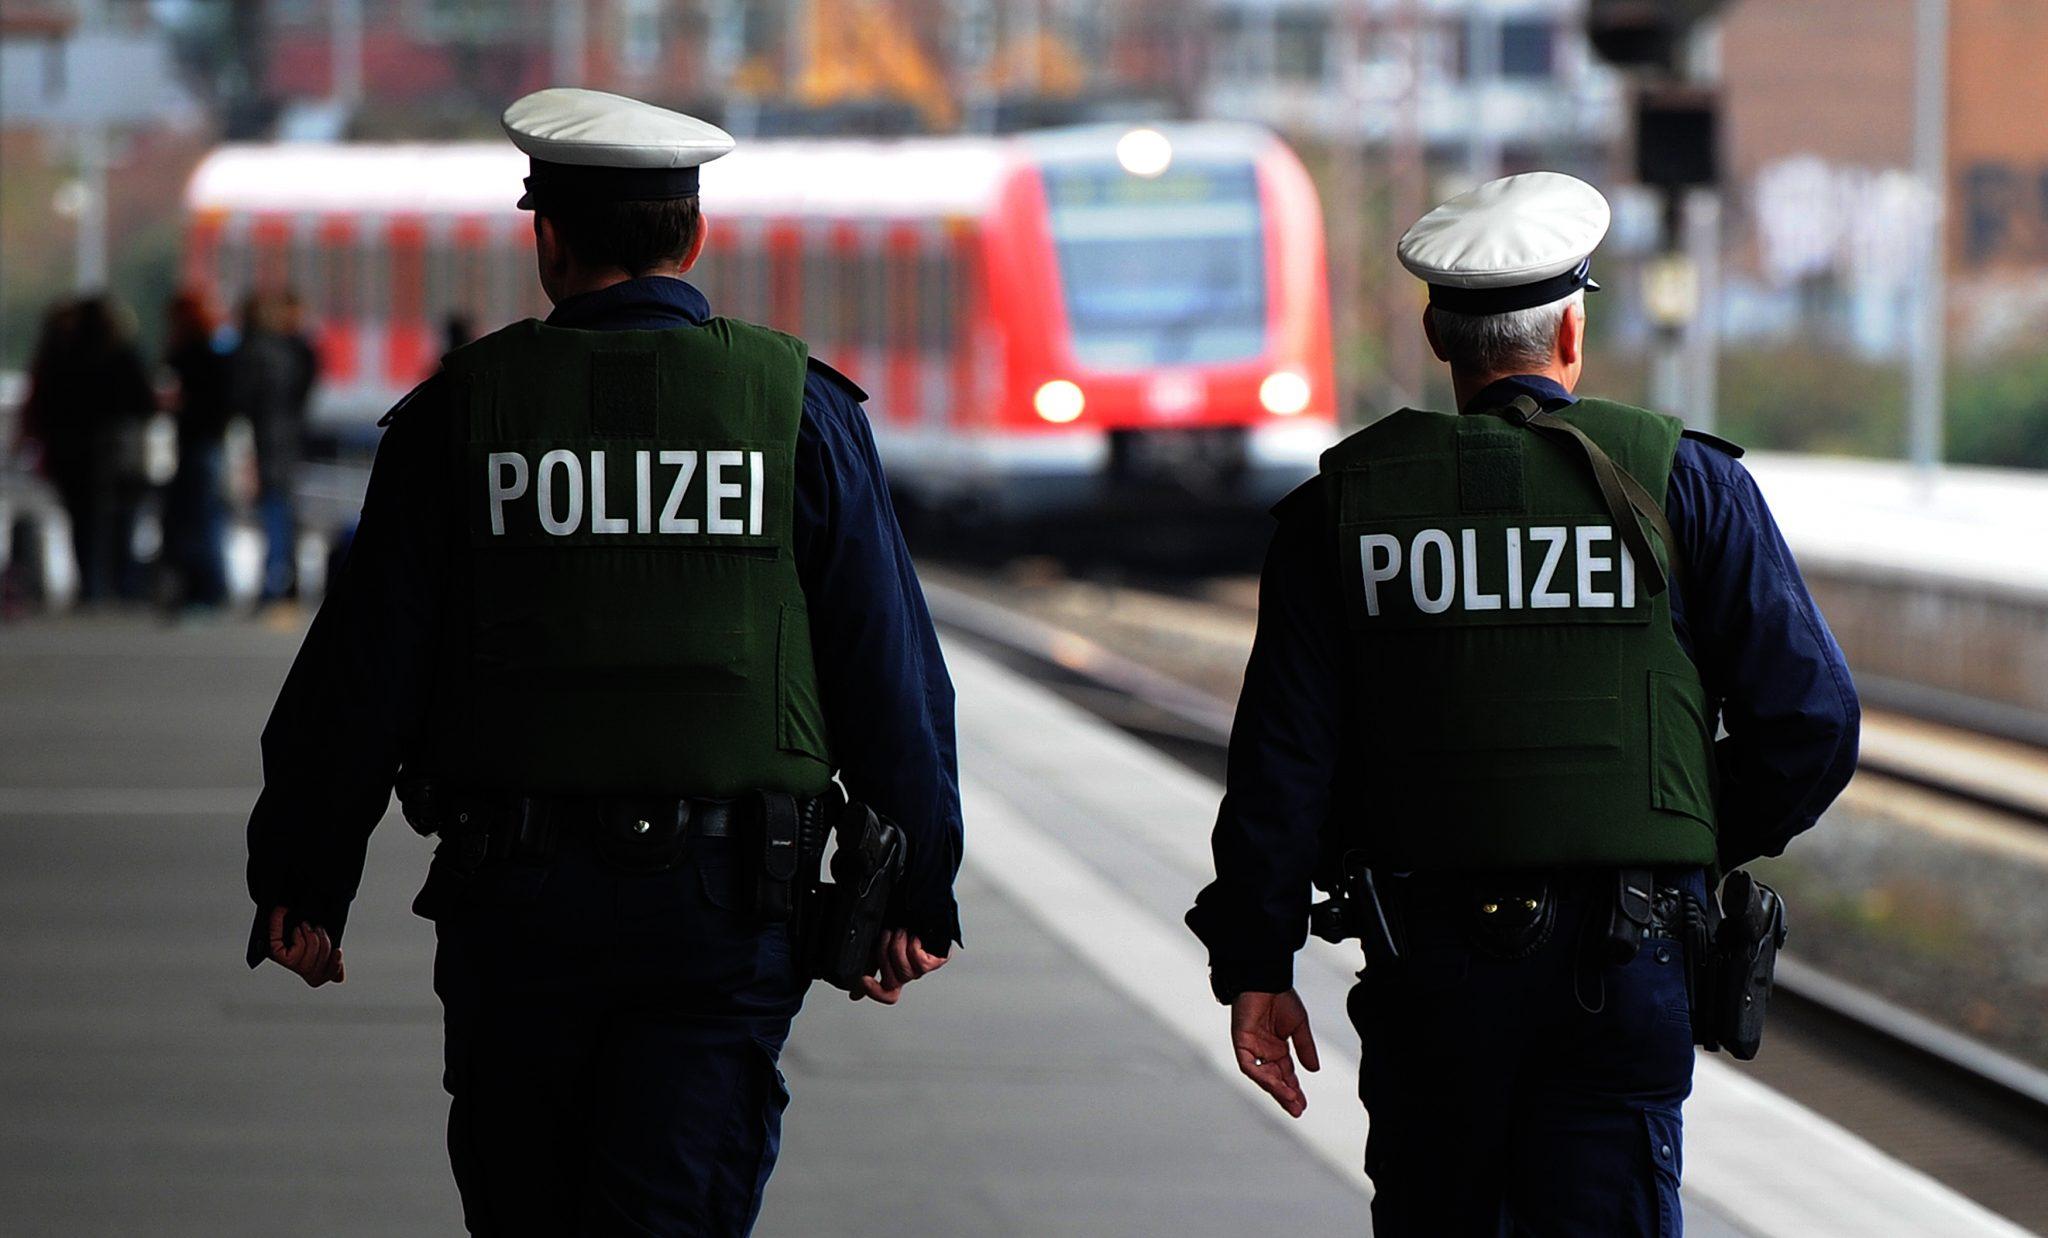 Bundespolizisten gehen am Hauptbahnhof Essen Streife (Archivbild) Foto: picture alliance / dpa | Julian Stratenschulte